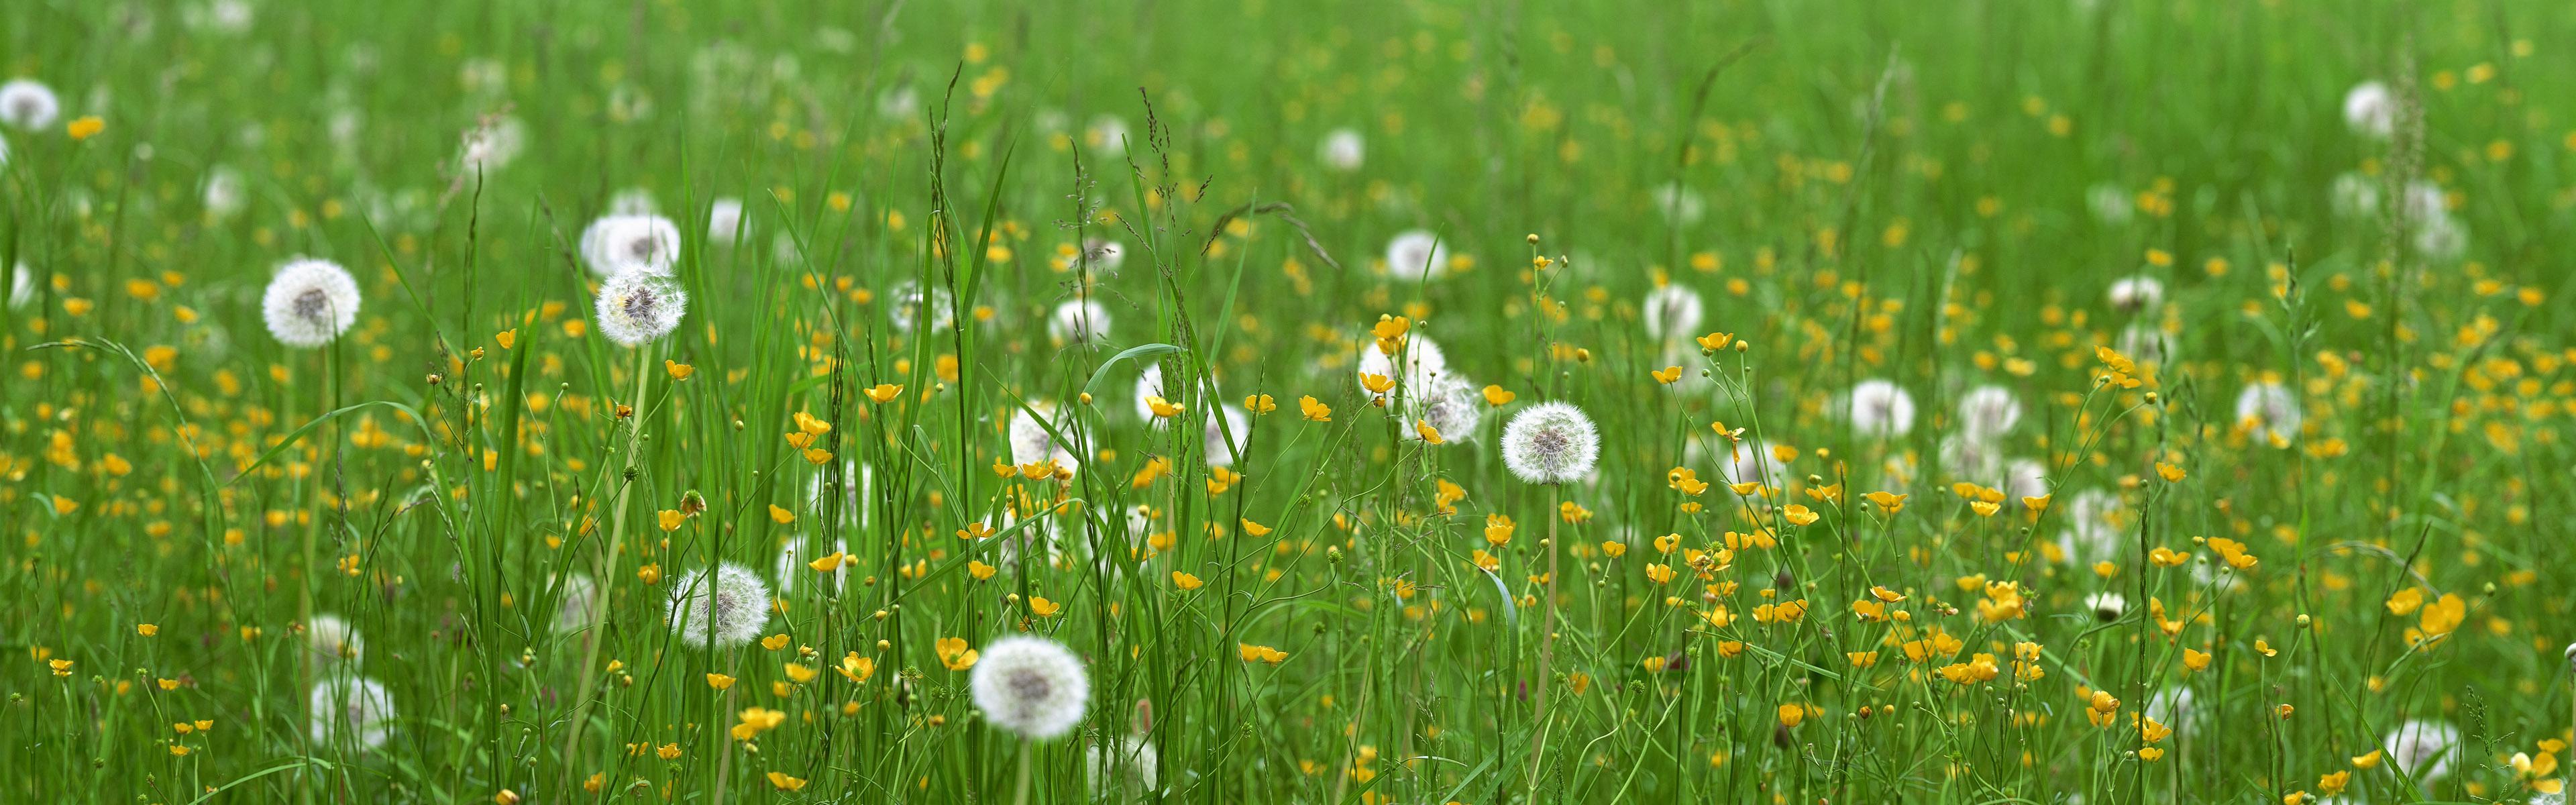 цветы трава без смс